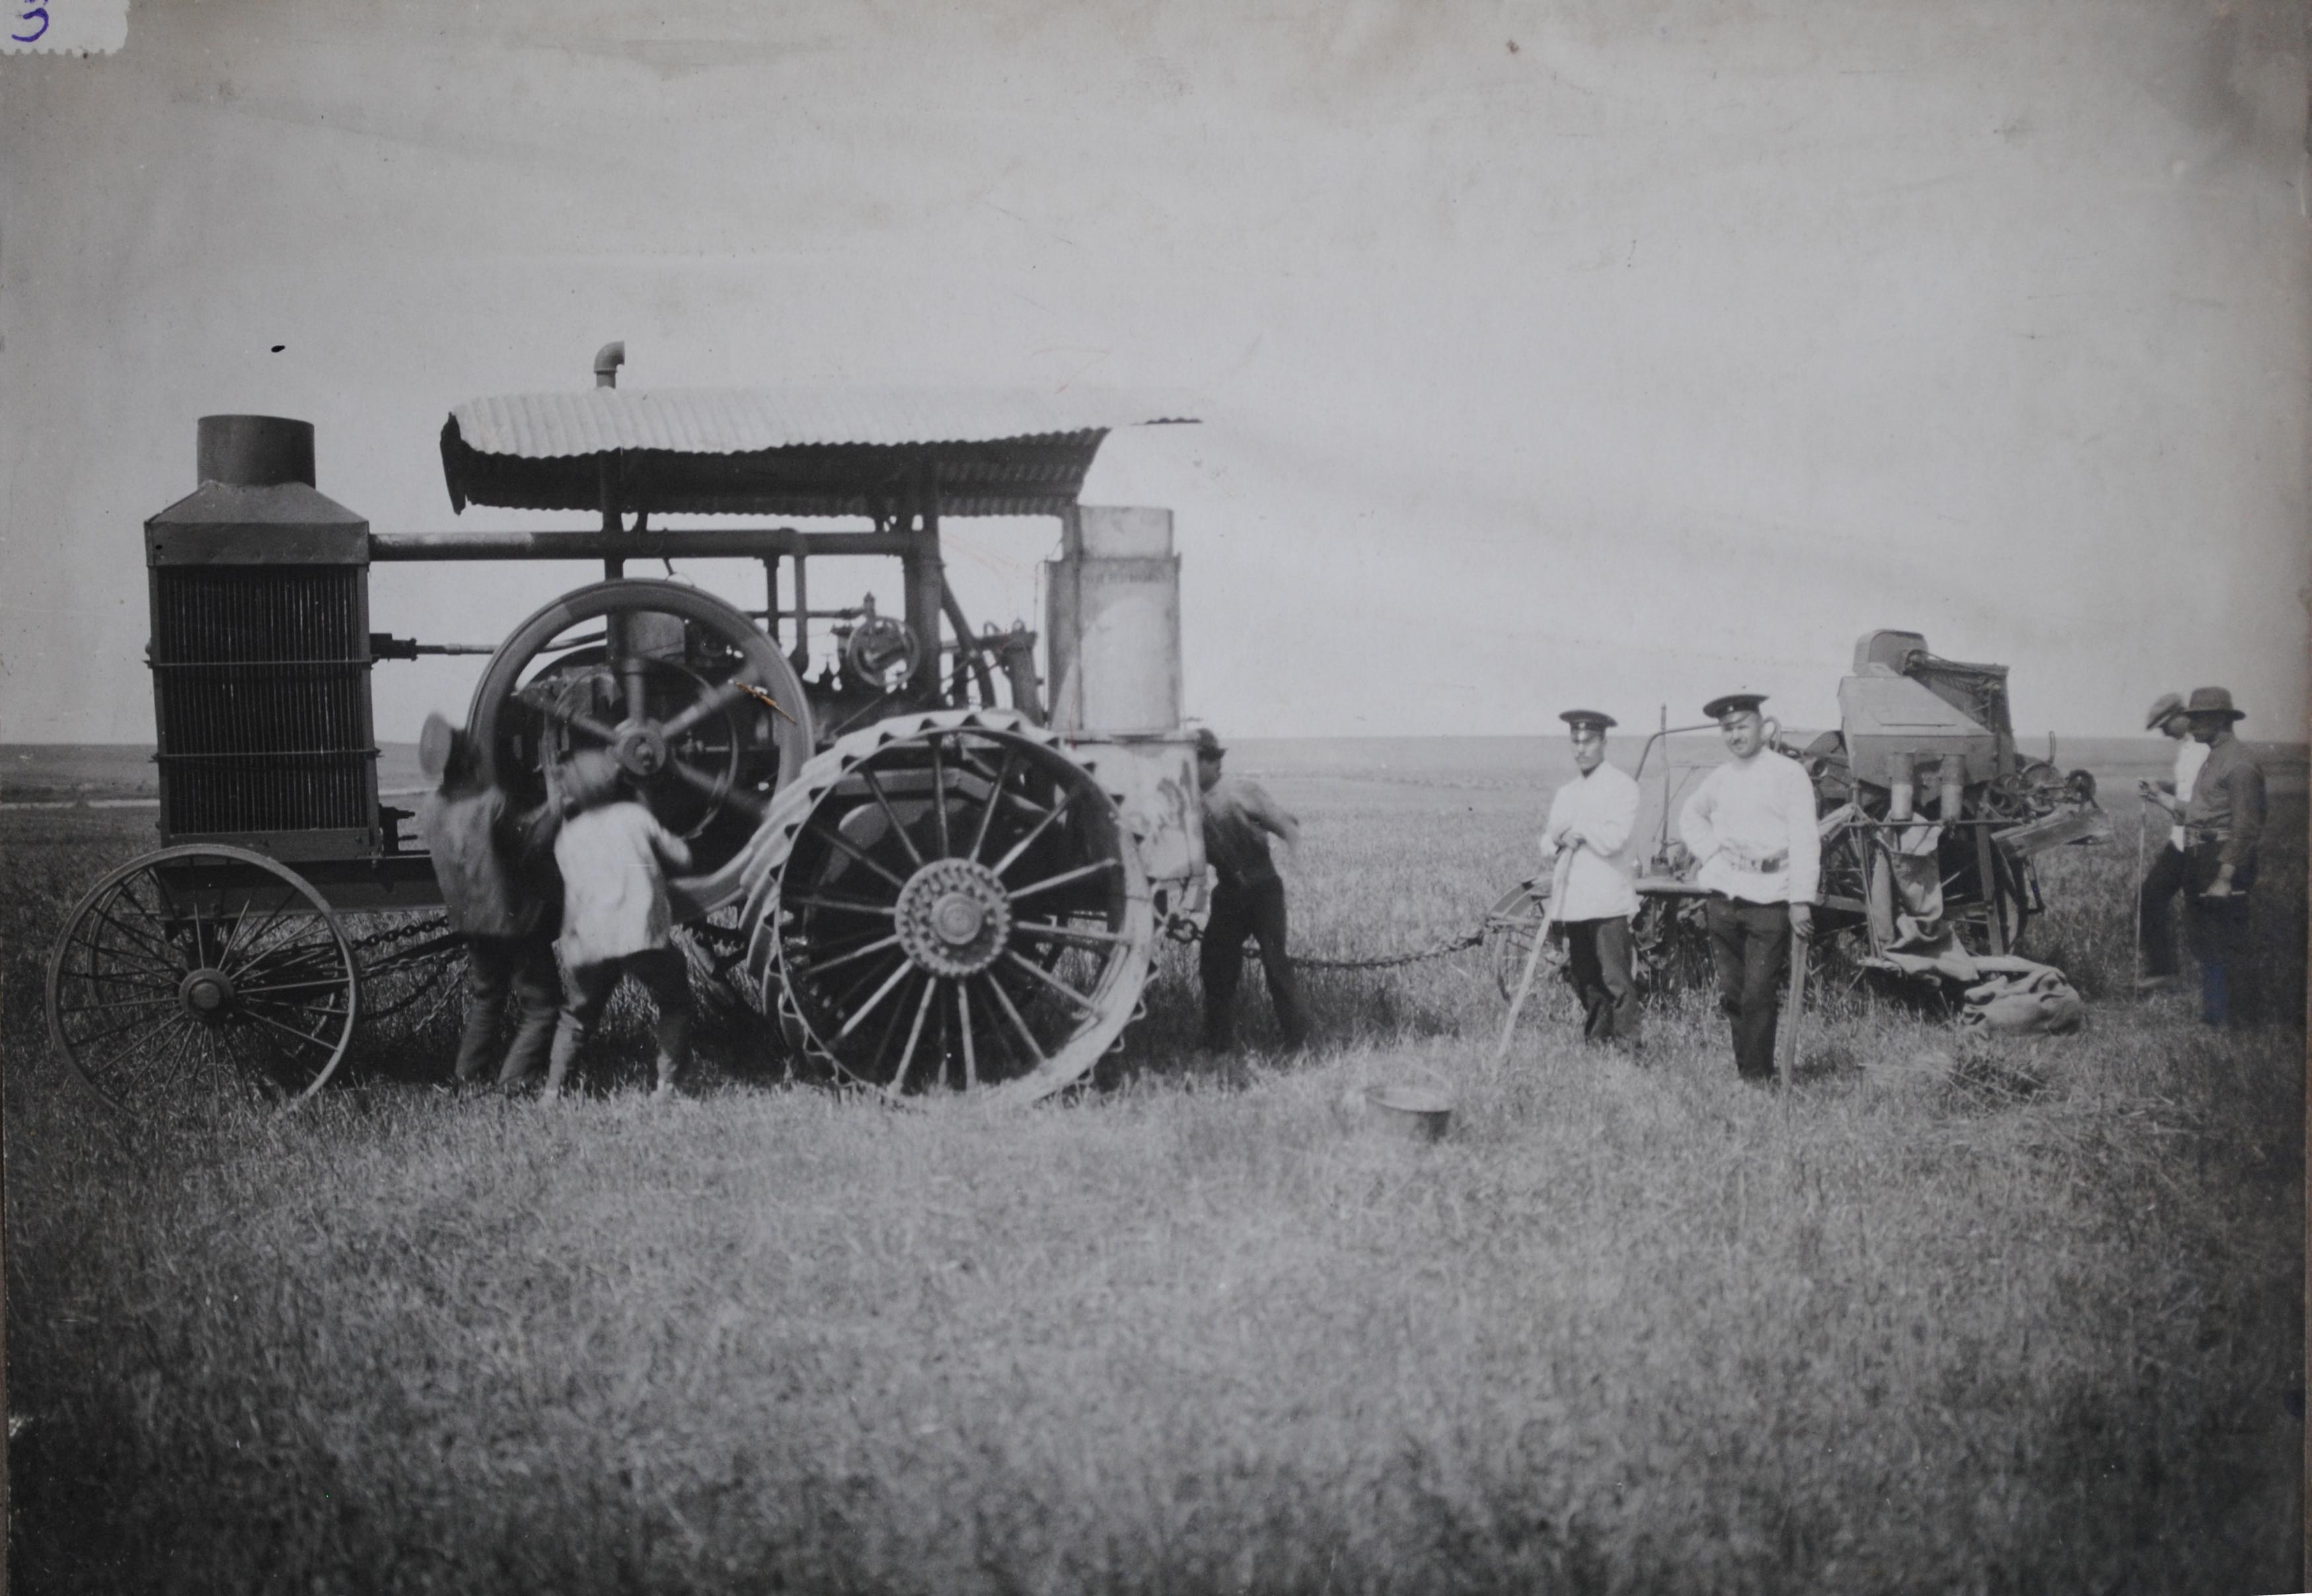 Американский колёсный трактор типа Харт-Парр-3060, проходит испытания на полях, принадлежавших Омской машинноиспытательной станции.1914